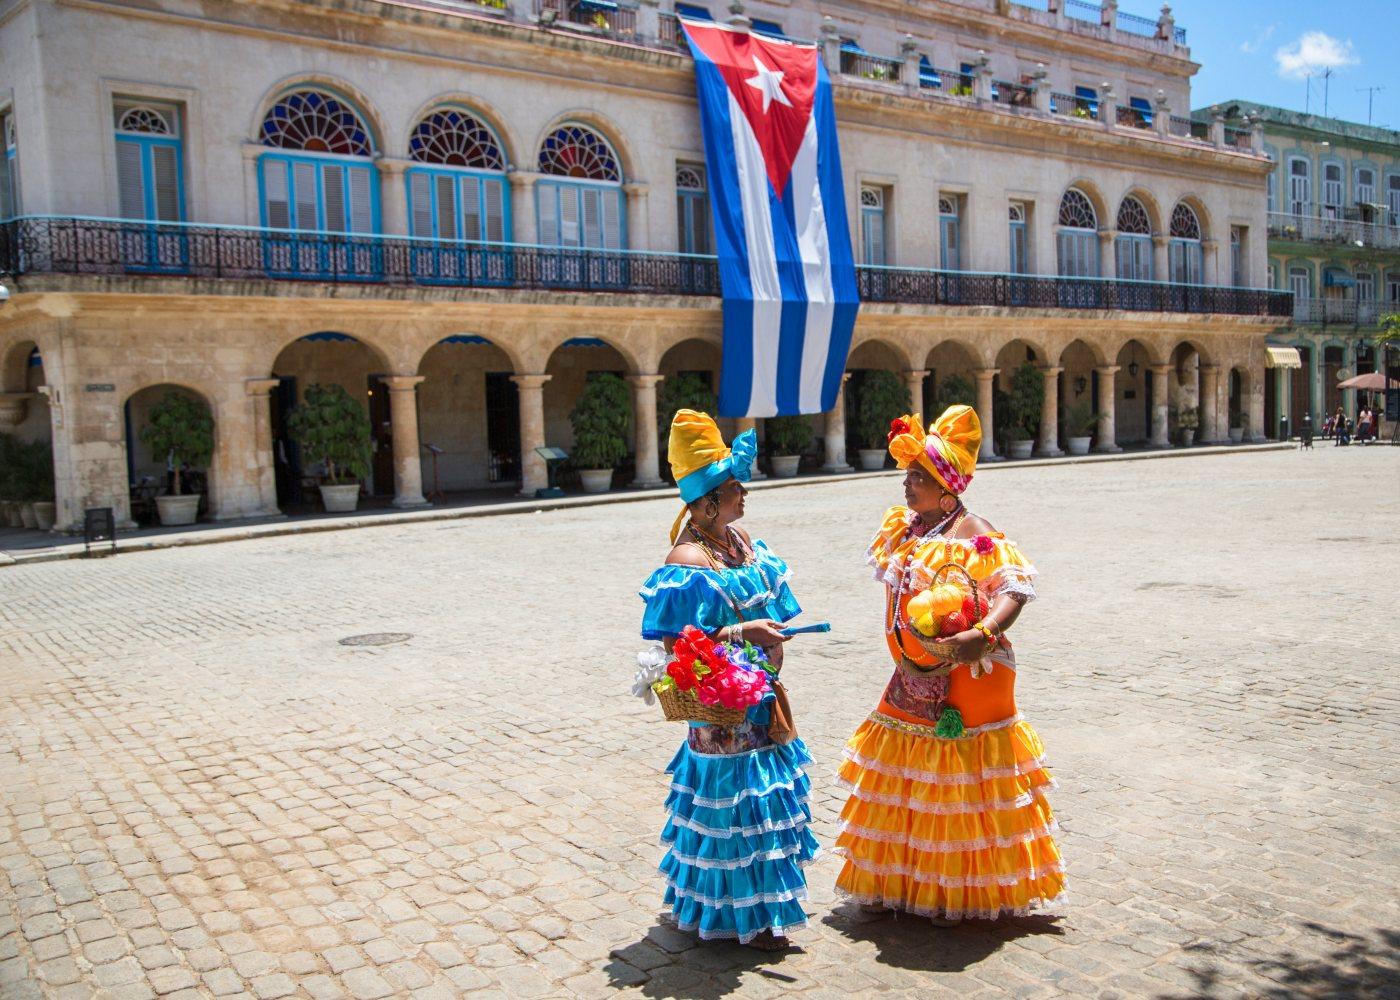 Mulheres cubanas com trajes tradicionais